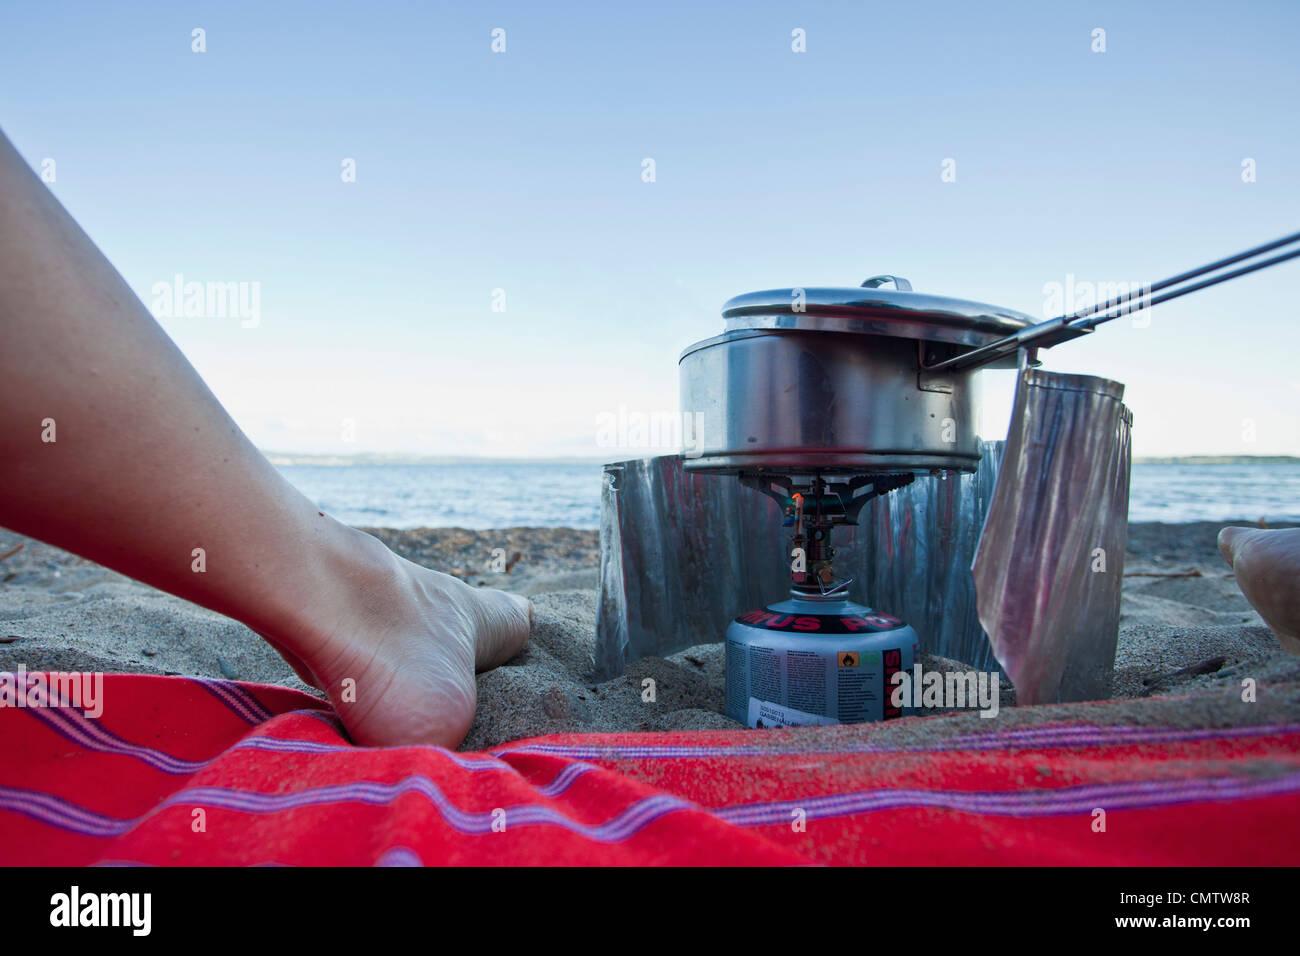 Kochen von Essen am Strand Stockbild